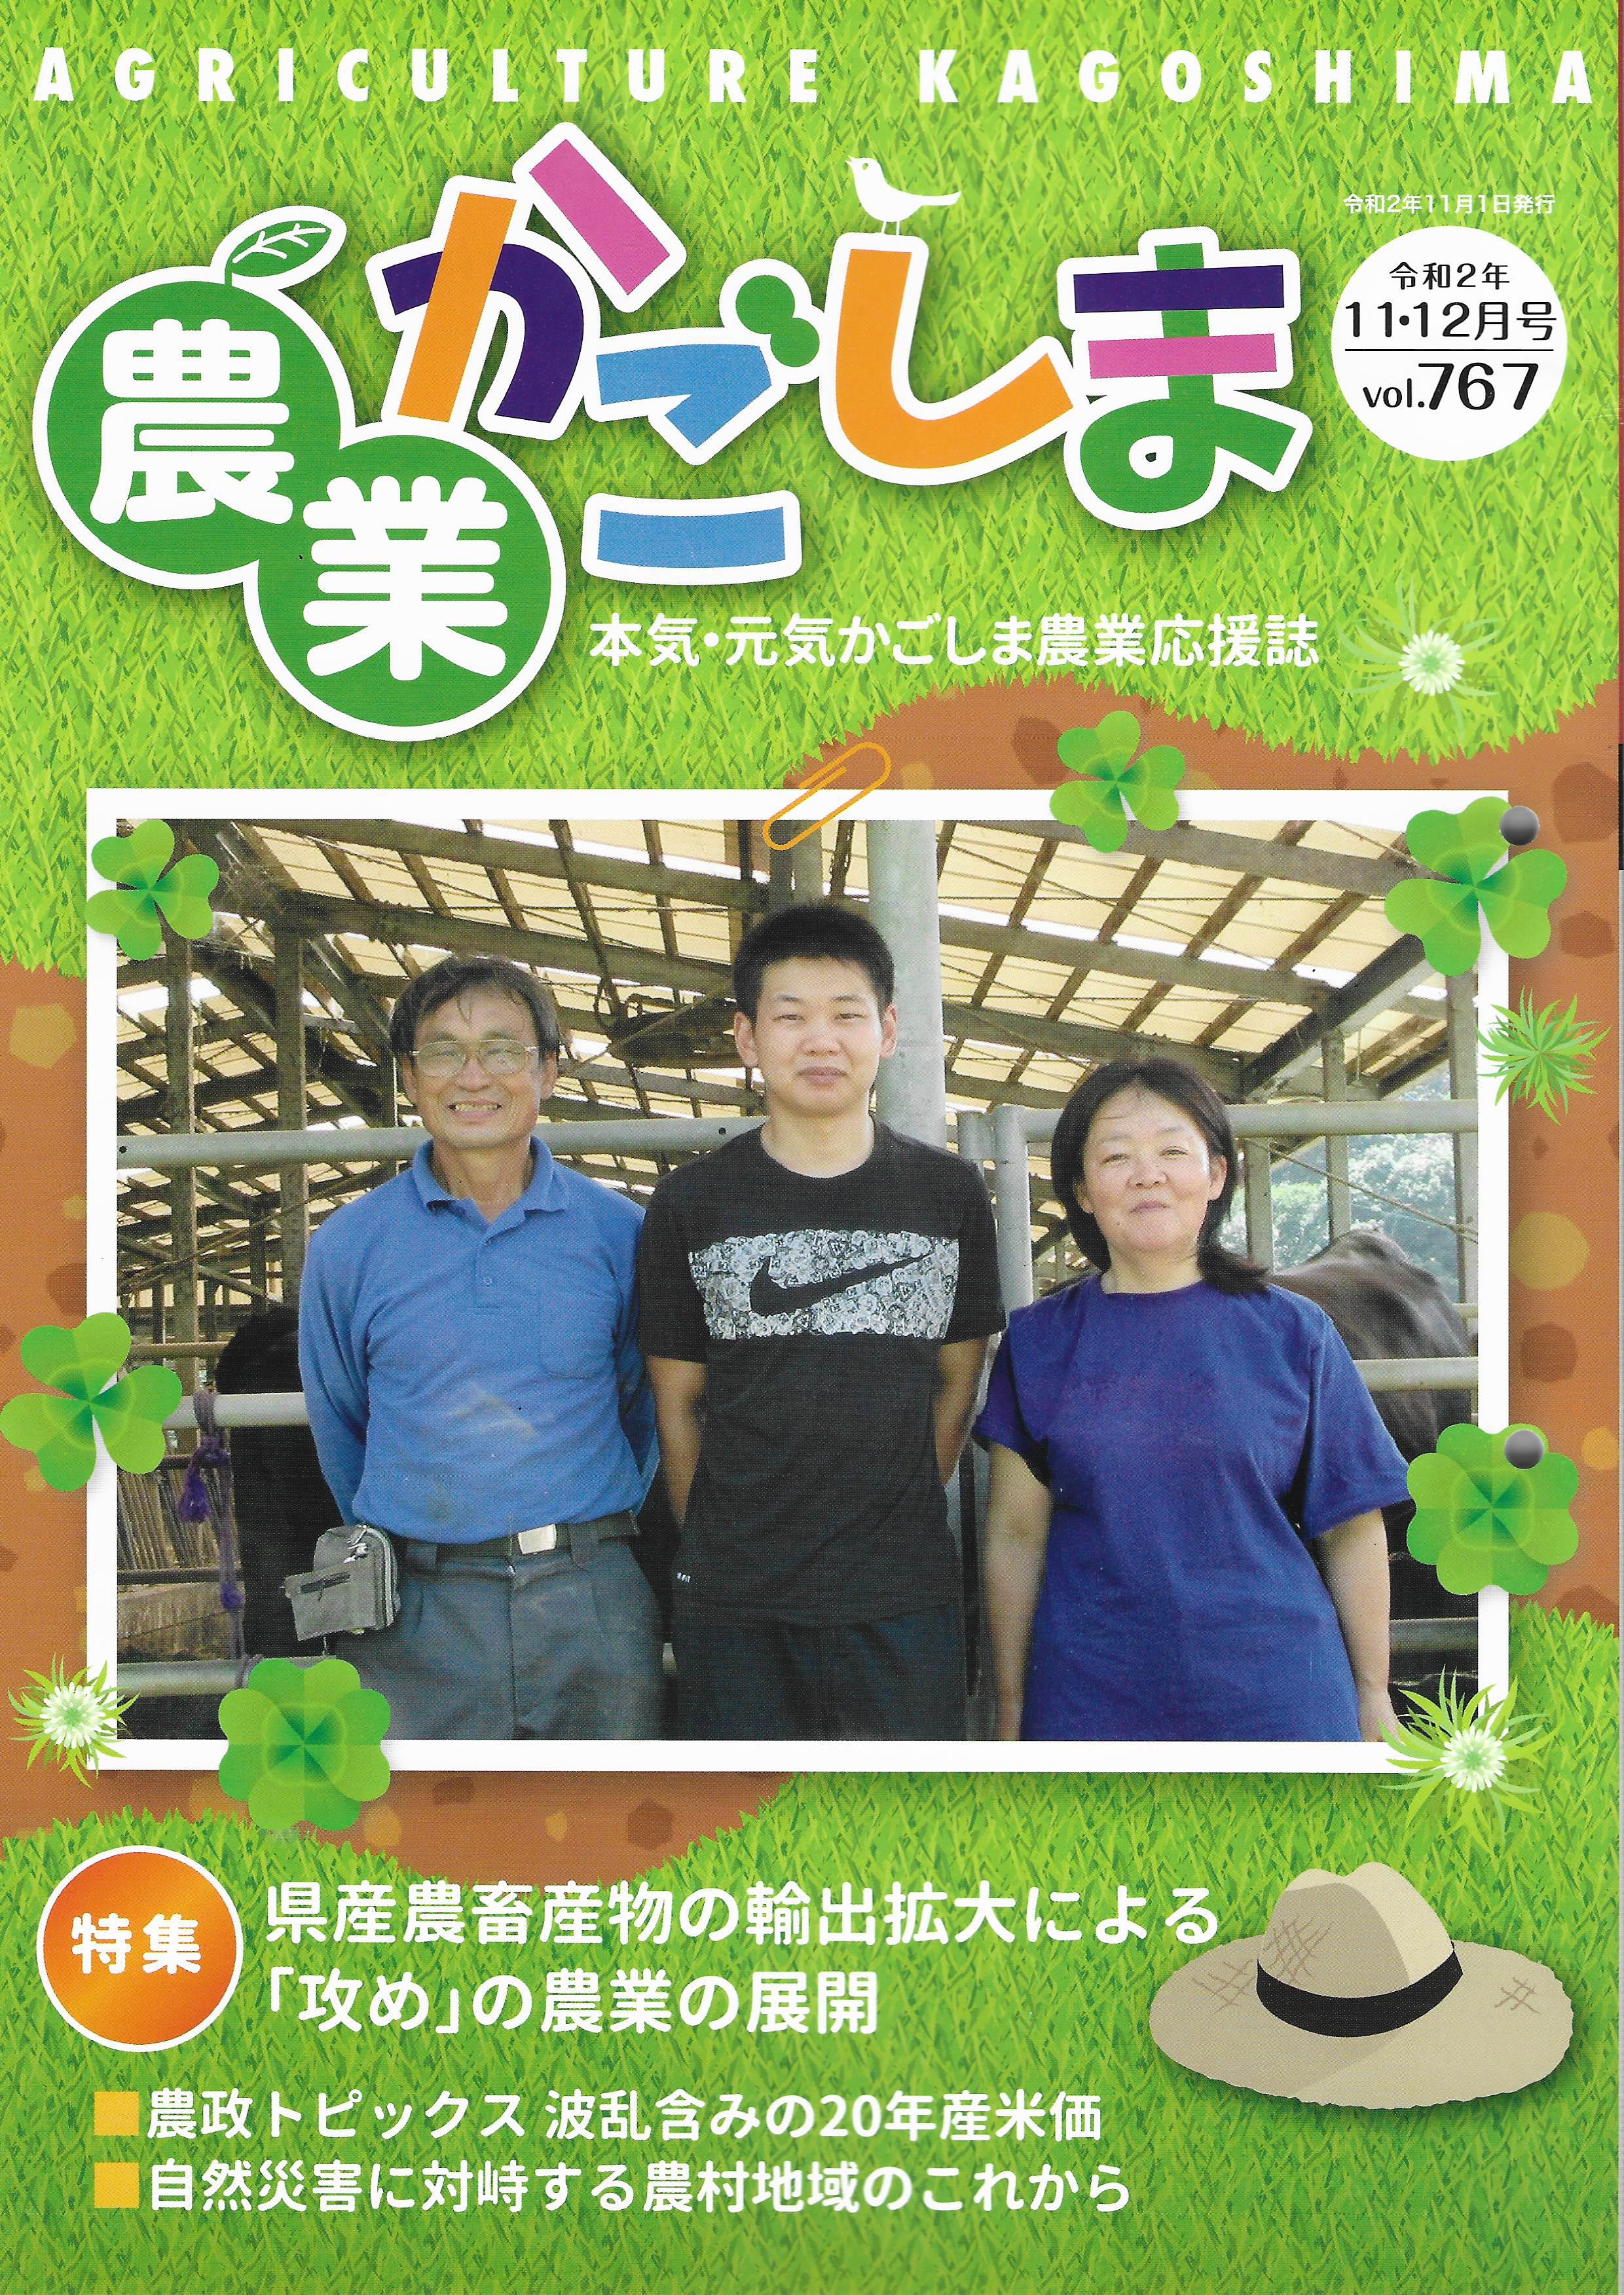 【取材】鹿児島県の農業応援誌「農業かごしま 11・12月号」に代表武藤のコメントが掲載されました。のサムネイル